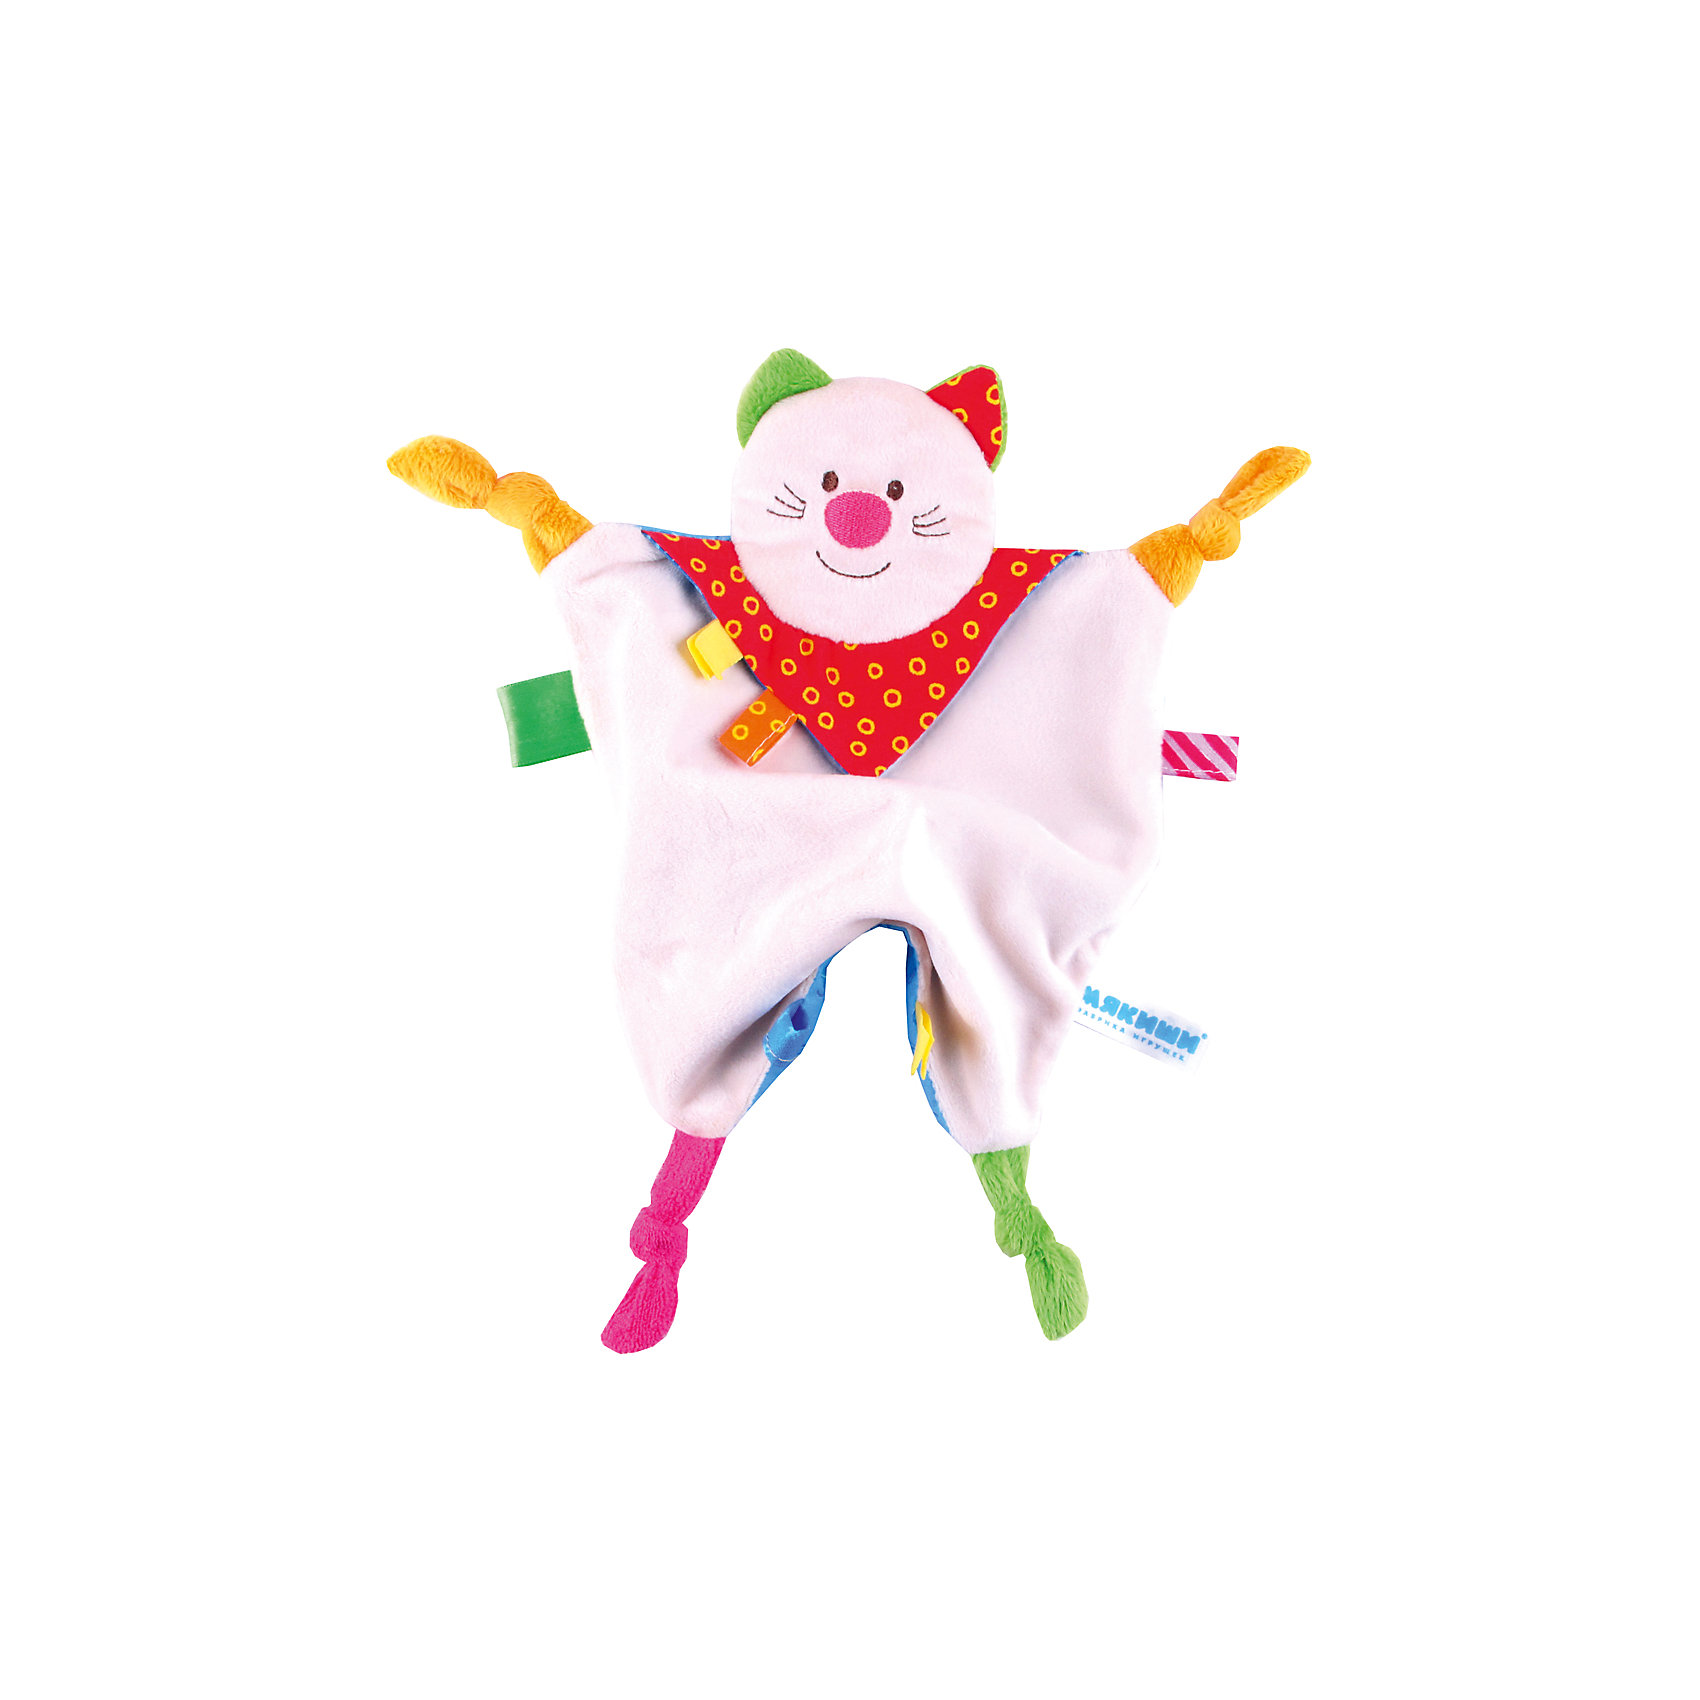 Платочек Котенок, МякишиМягкие игрушки<br>Характеристики товара:<br><br>• материал: разнофактурный текстиль, поролон<br>• комплектация: 1 шт<br>• размер игрушки: 35х20 см<br>• петельки<br>• прорезыватель<br>• развивающая игрушка<br>• упаковка: картон<br>• страна бренда: РФ<br>• страна изготовитель: РФ<br><br>Малыши активно познают мир и тянутся к новой информации. Чтобы сделать процесс изучения окружающего пространства интереснее, ребенку можно подарить развивающие игрушки. В процессе игры информация усваивается намного лучше!<br>Такие игрушки помогут занять малыша, играть ими приятно и весело. Одновременно они позволят познакомиться со многими цветами, фактурами, а также научиться завязывать петли. Подобные игрушки развивают тактильные ощущения, моторику, цветовосприятие, логику, воображение, учат фокусировать внимание. Каждое изделие абсолютно безопасно – оно создано из качественной ткани с мягким наполнителем. Игрушки производятся из качественных и проверенных материалов, которые безопасны для детей.<br><br>Платочек Котенок от бренда Мякиши можно купить в нашем интернет-магазине.<br><br>Ширина мм: 250<br>Глубина мм: 20<br>Высота мм: 200<br>Вес г: 50<br>Возраст от месяцев: 12<br>Возраст до месяцев: 36<br>Пол: Унисекс<br>Возраст: Детский<br>SKU: 5183221